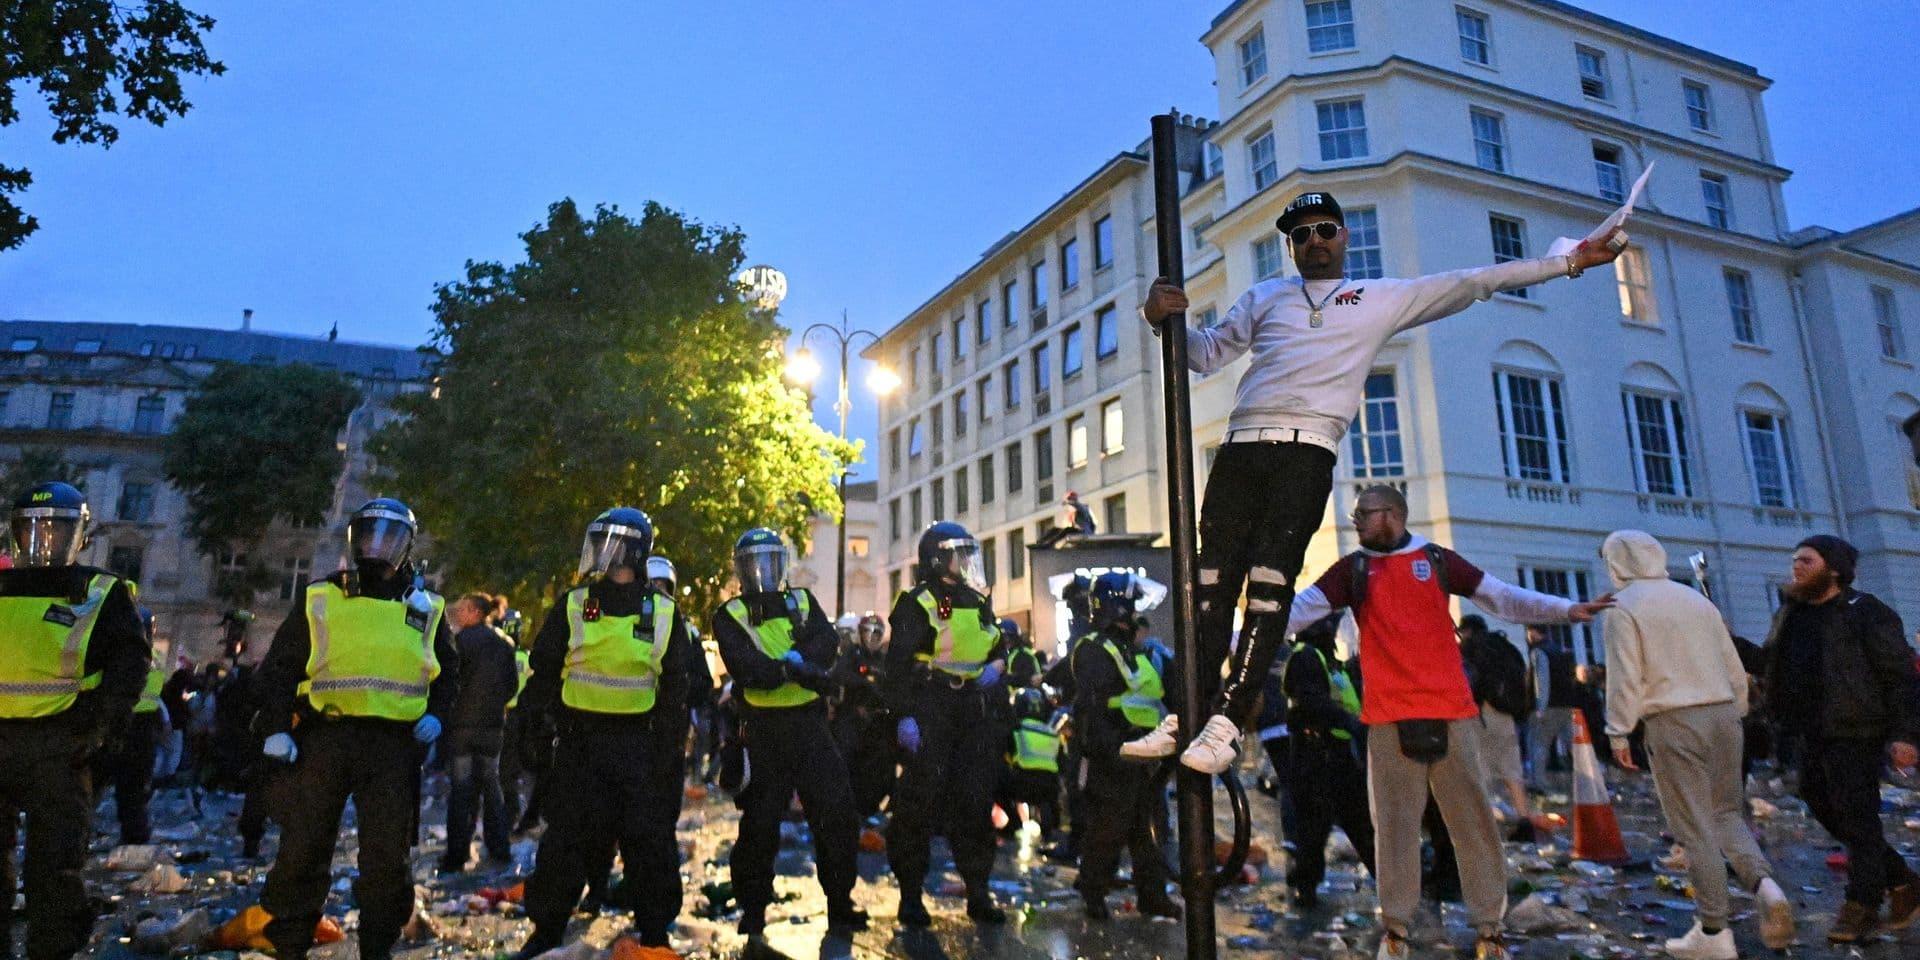 Londres: 49 personnes arrêtées et 19 policiers blessés après la finale de l'Euro